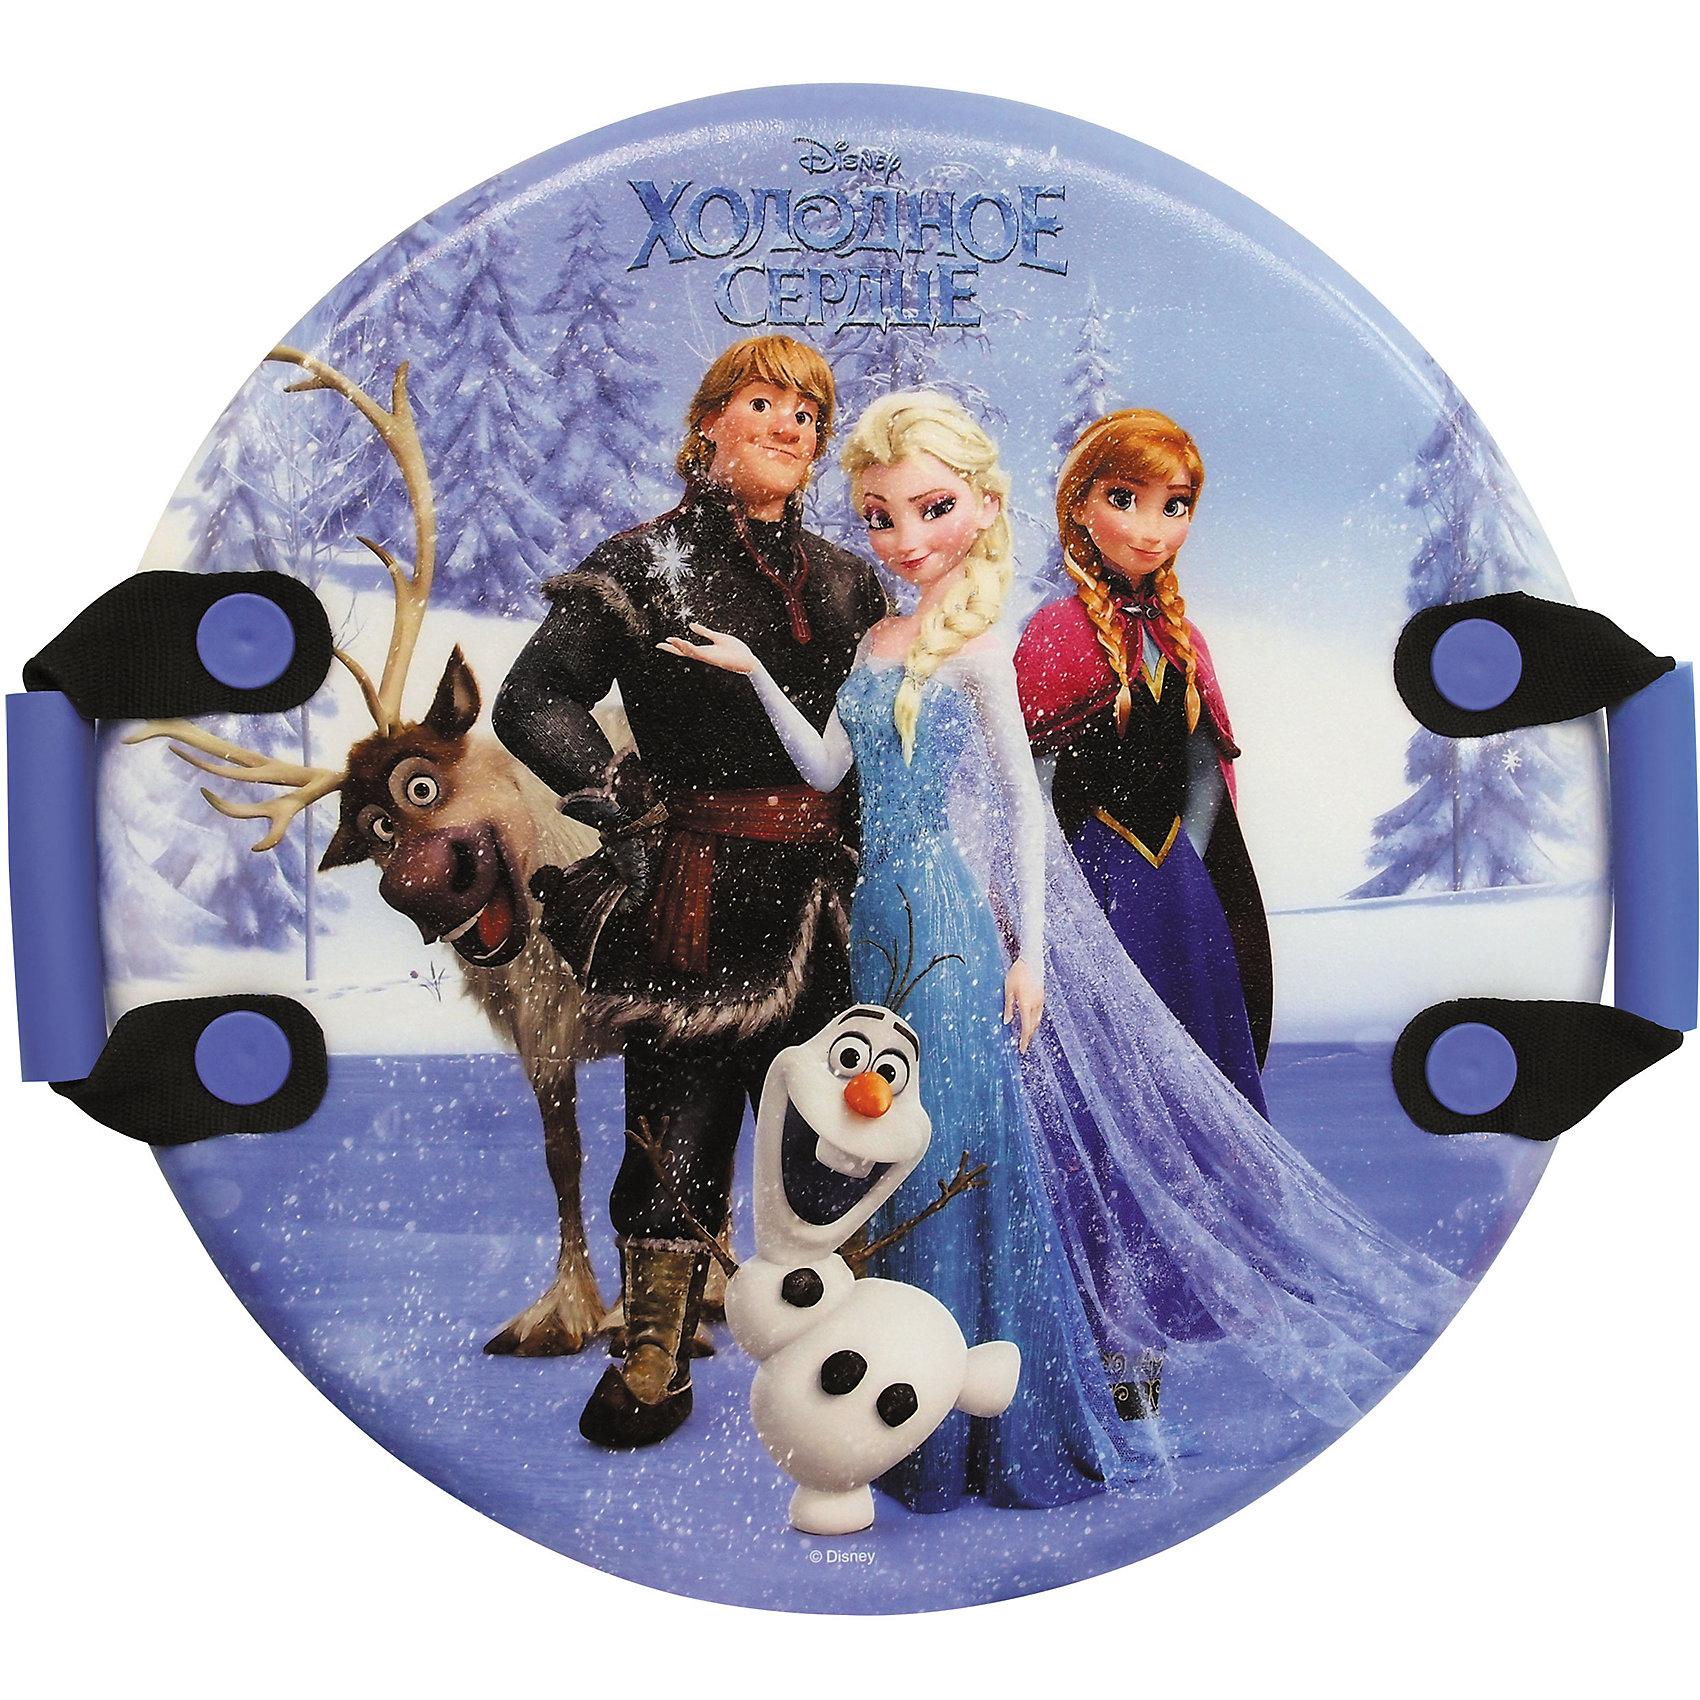 Ледянка Холодное сердце, 54см, круглая, с плотными ручками,унив., DisneyЛедянки<br>Ледянка Холодное сердце, 54см, круглая, с плотными ручками,унив., Disney.<br><br>Характеристики:<br><br>• прочный морозостойкий материал<br>• круглая форма<br>• удобные ручки<br>• яркий устойчивый дизайн<br>• материал: пластик, текстиль, вспененный полимерный материал<br>• размер: 54х56х2,5 см<br>• вес: 480 грамм<br><br>Ледянка Холодное сердце станет лучшим подаркам любителей крутых горок. Она очень удобна в использовании и имеет удобные ручки, которые обеспечат безопасность даже на крутых поворотах. Ледянка хорошо скользит и декорирована красочным принтом с изображением героев мультсериала Холодное сердце. <br><br>Ледянку Холодное сердце, 54см, круглая, с плотными ручками,унив., Disney вы можете купить в нашем интернет-магазине.<br><br>Ширина мм: 540<br>Глубина мм: 25<br>Высота мм: 540<br>Вес г: 483<br>Возраст от месяцев: 36<br>Возраст до месяцев: 192<br>Пол: Женский<br>Возраст: Детский<br>SKU: 5032814